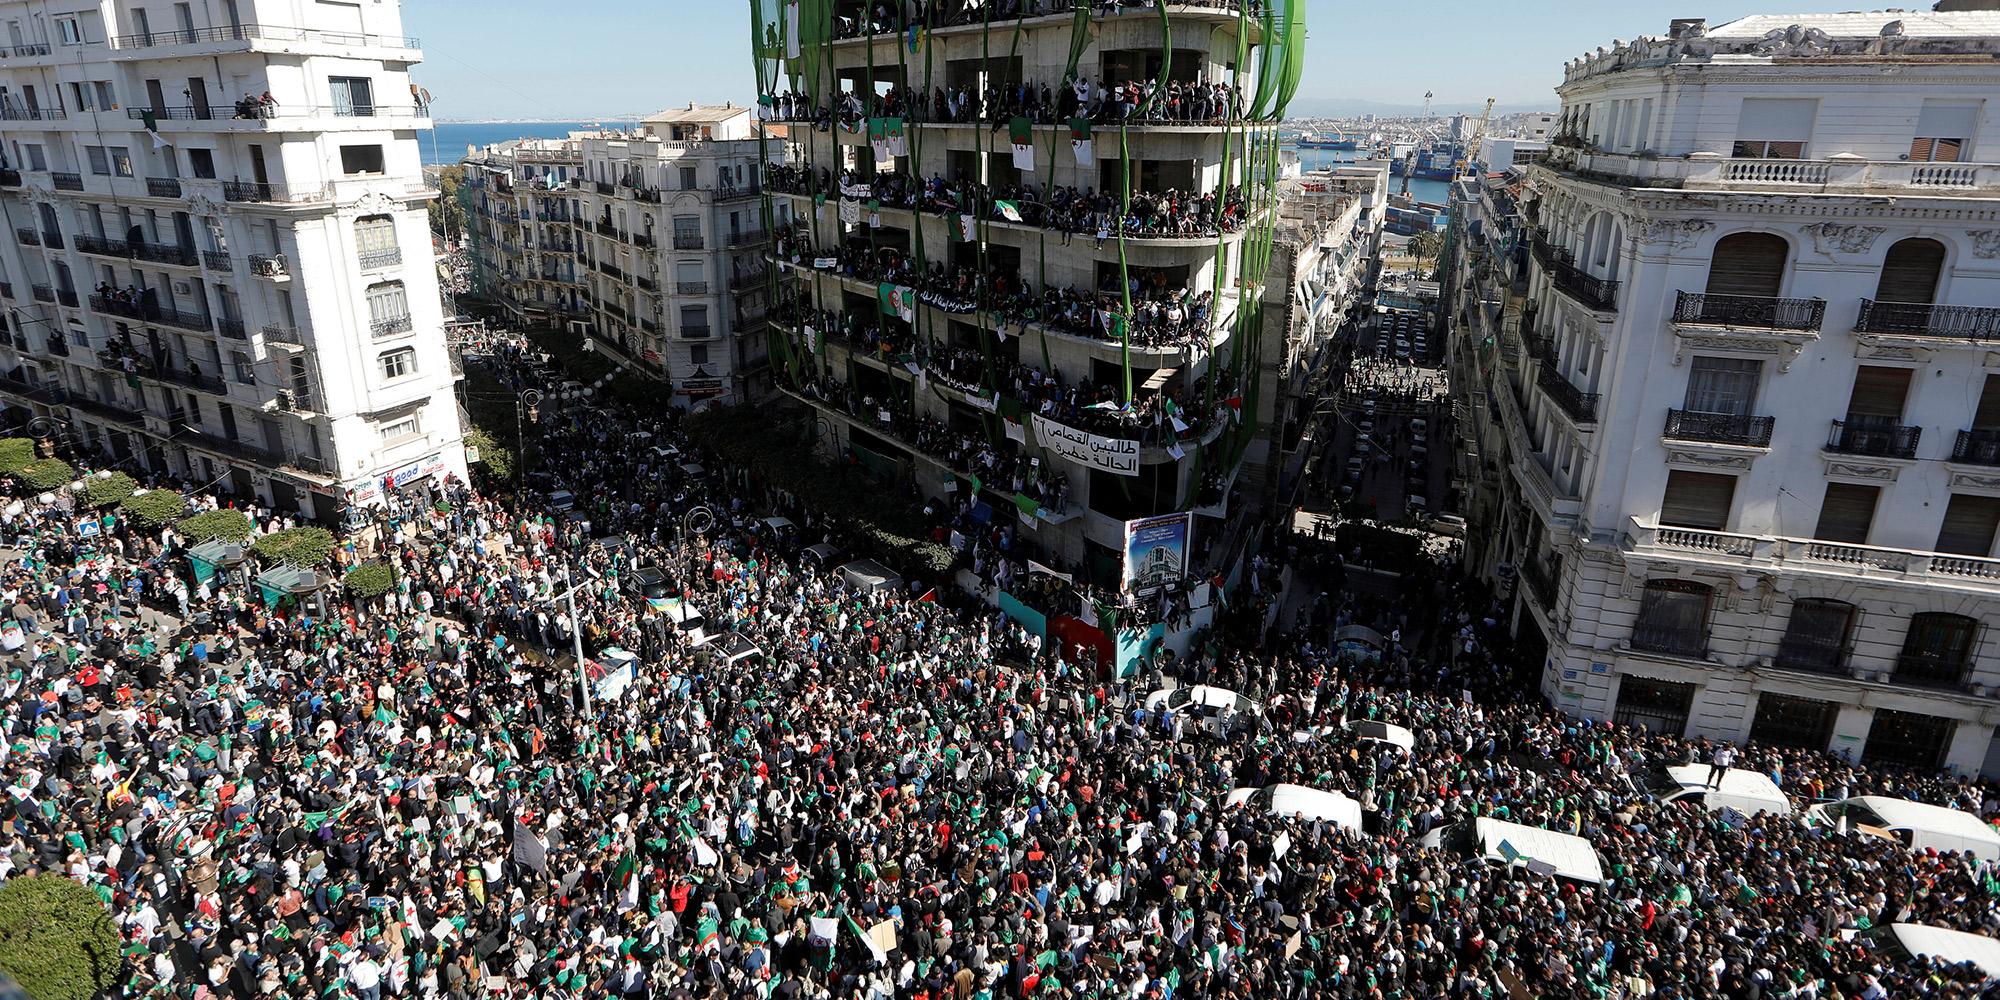 Algerie-nouvelles-manifestations-monstres-apres-l-annonce-du-report-de-la-presidentielle.jpg